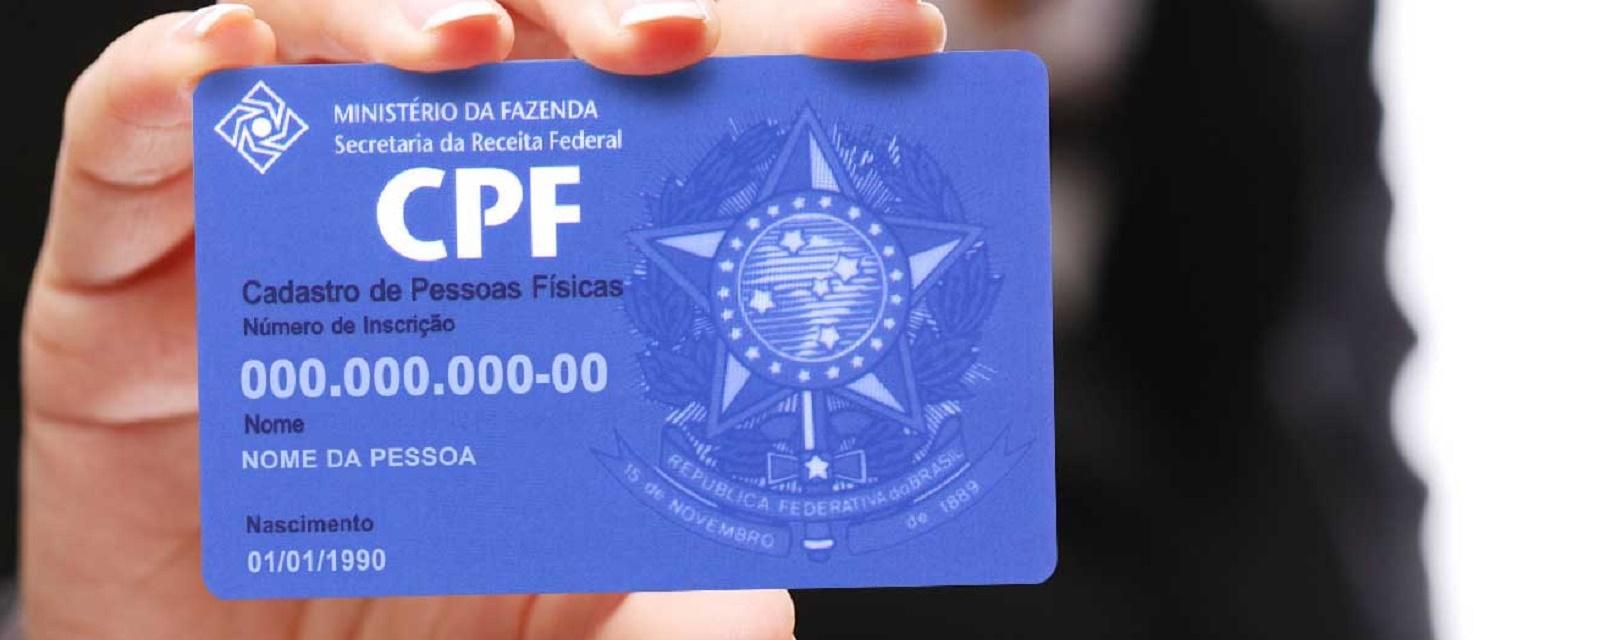 Tem Na Web - Decreto do governo federal vai transformar CPF em Documento Único; entenda